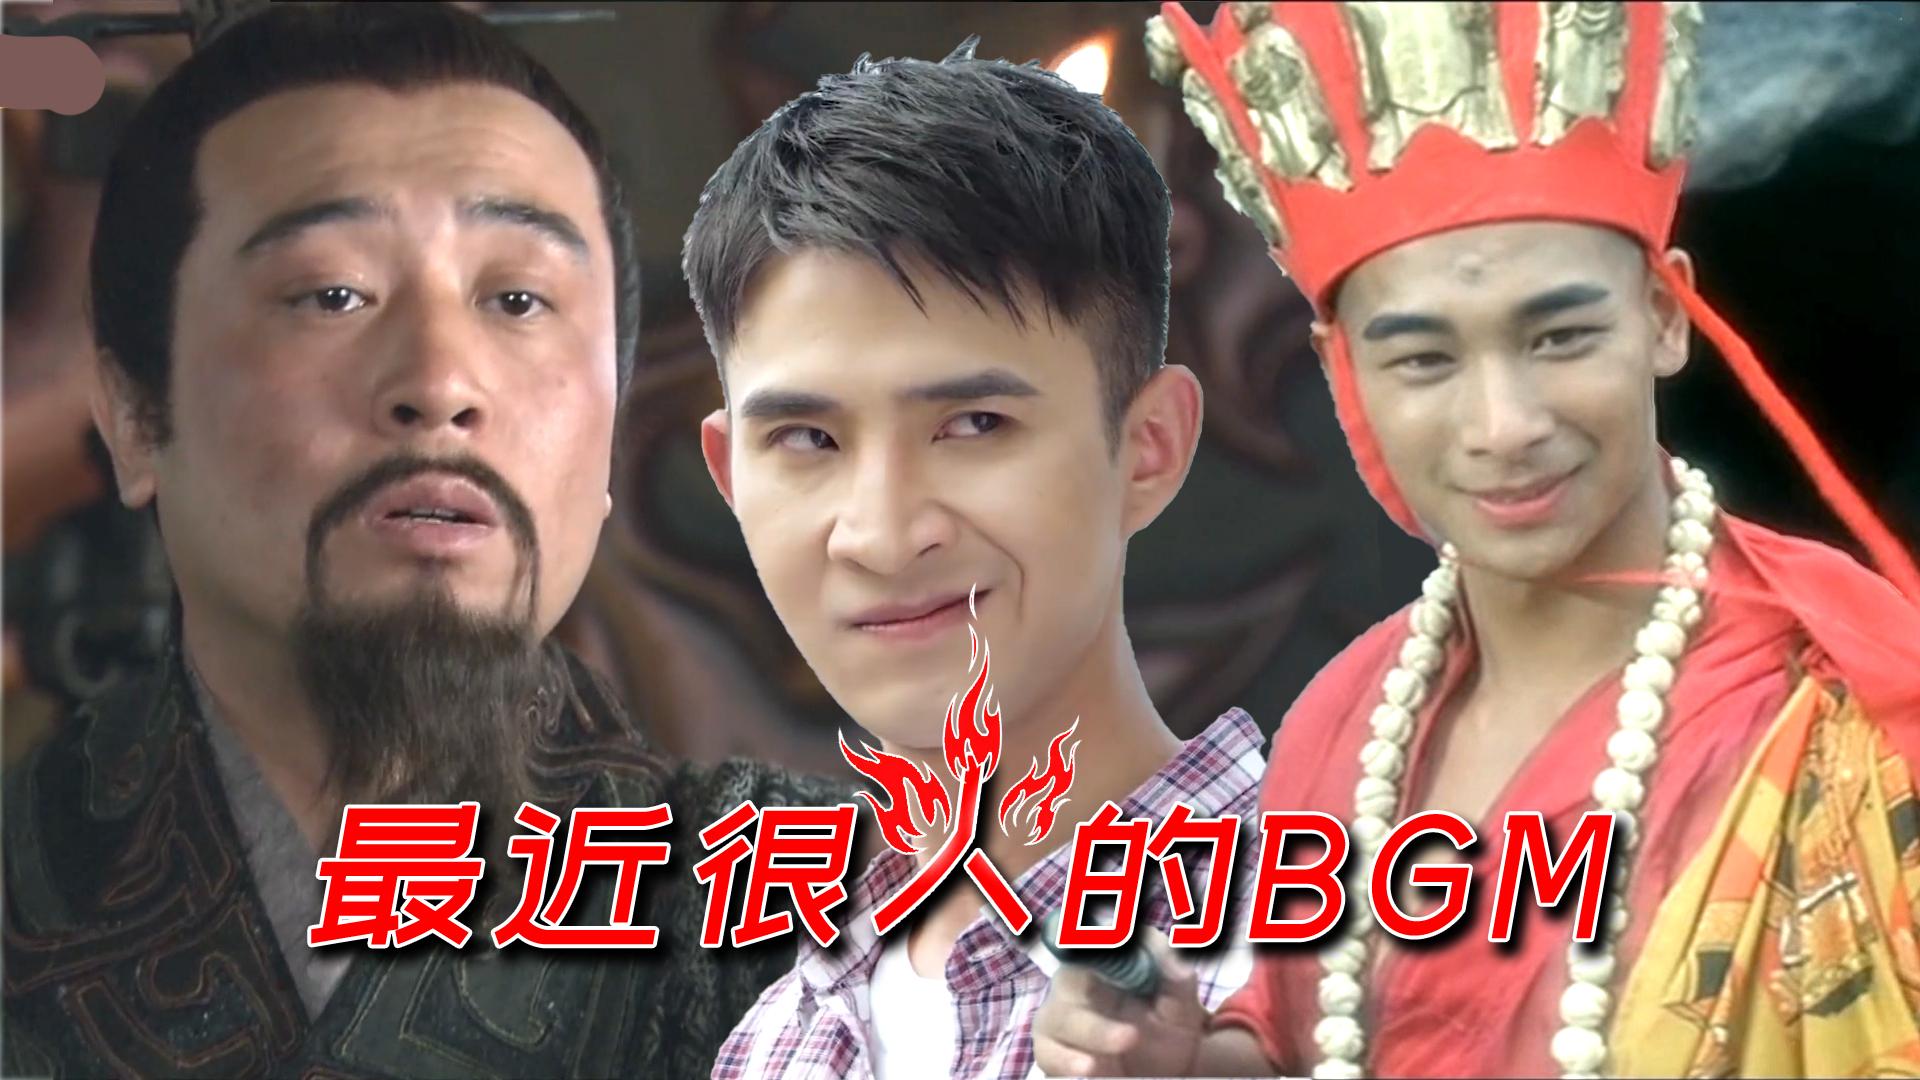 最近很火的三首bgm:歪嘴战神,皇叔蹦迪,法海降妖